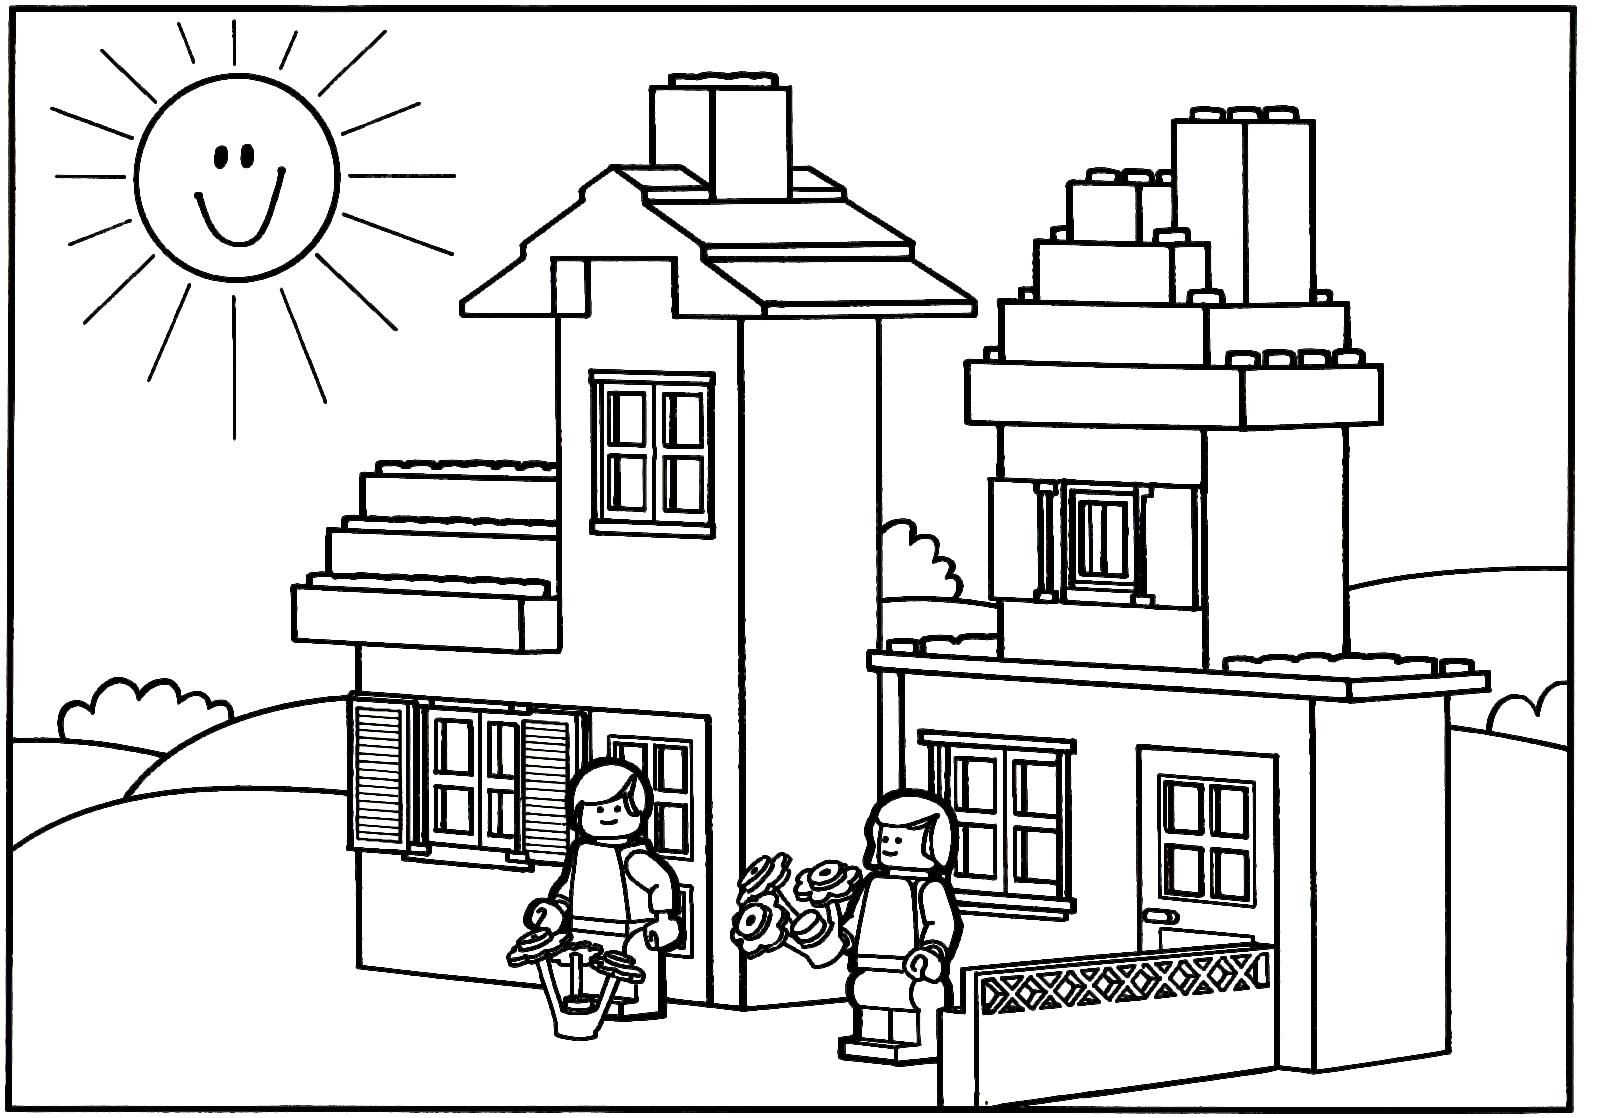 Casas para colorir e pintar 11 aprender a desenhar - Para pintar casas ...